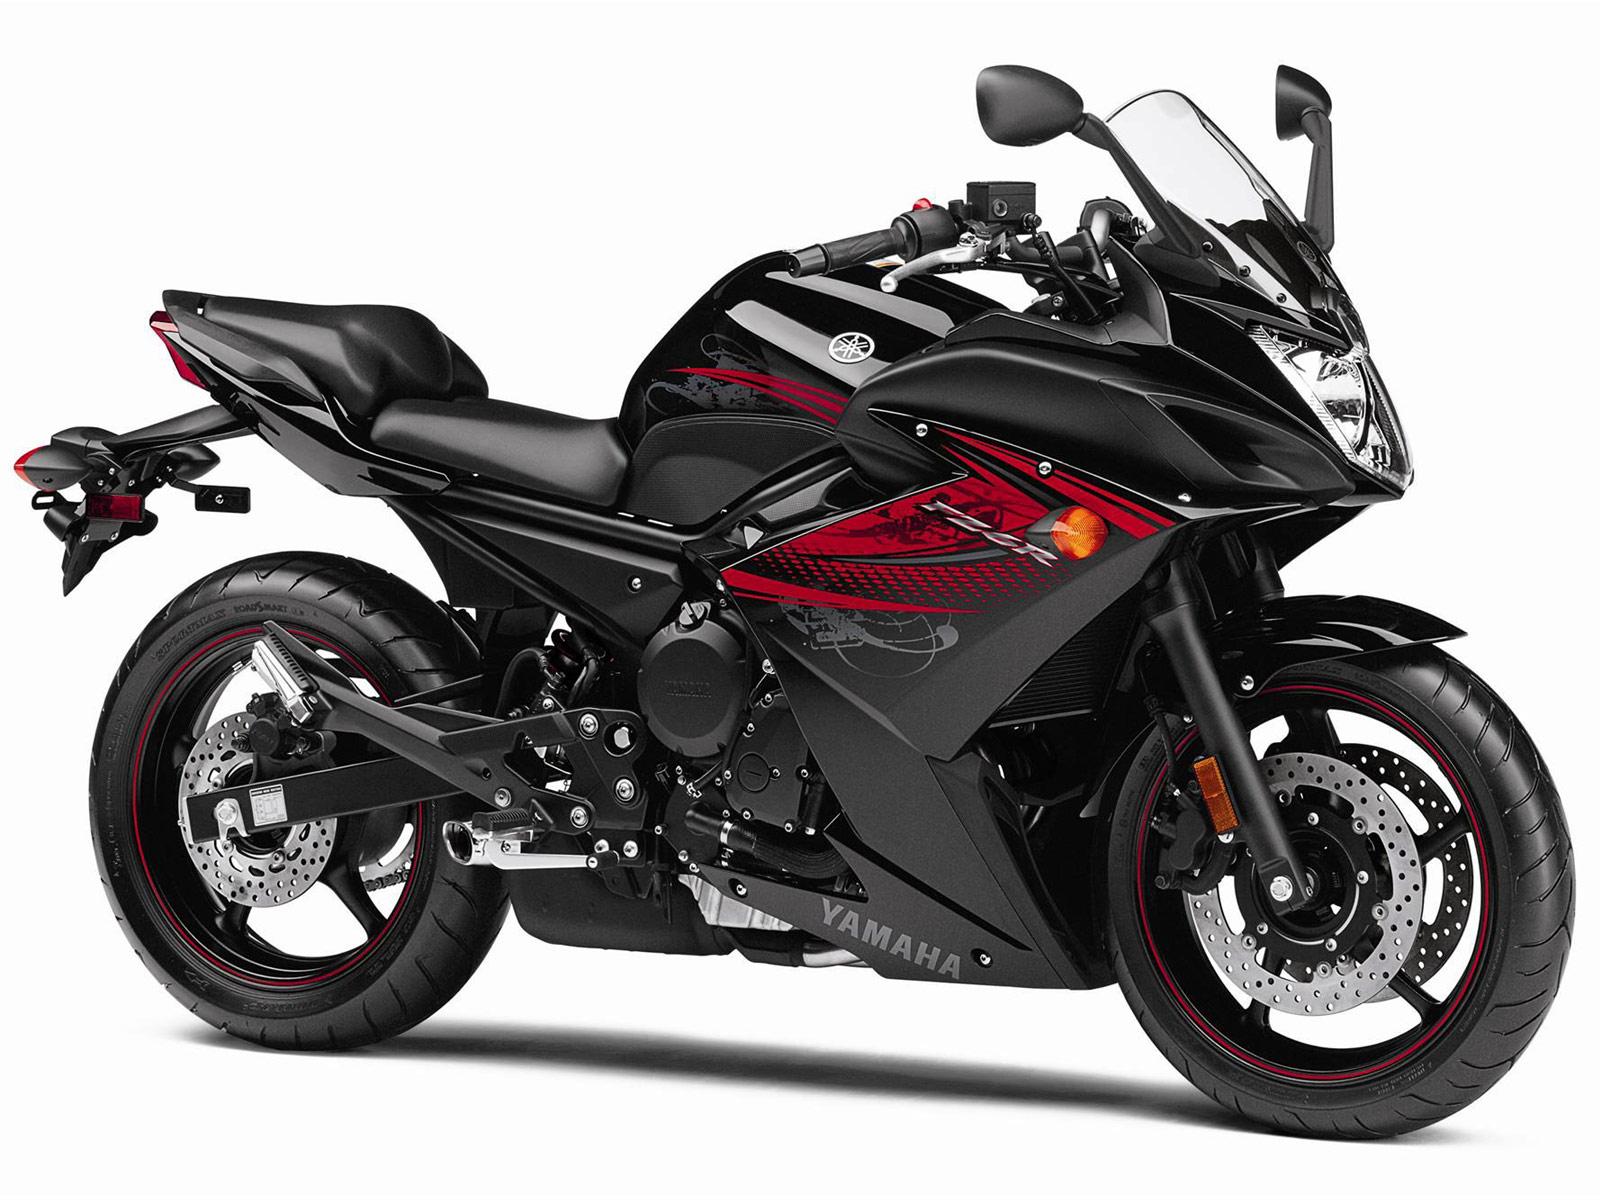 http://4.bp.blogspot.com/-EWP8RHcGUI0/TyuKogoQ88I/AAAAAAAAKS8/Y7xx8Dx0d8U/s1600/2012-Yamaha-FZ6R_motorcycle-desktop-wallpapers-5.jpg